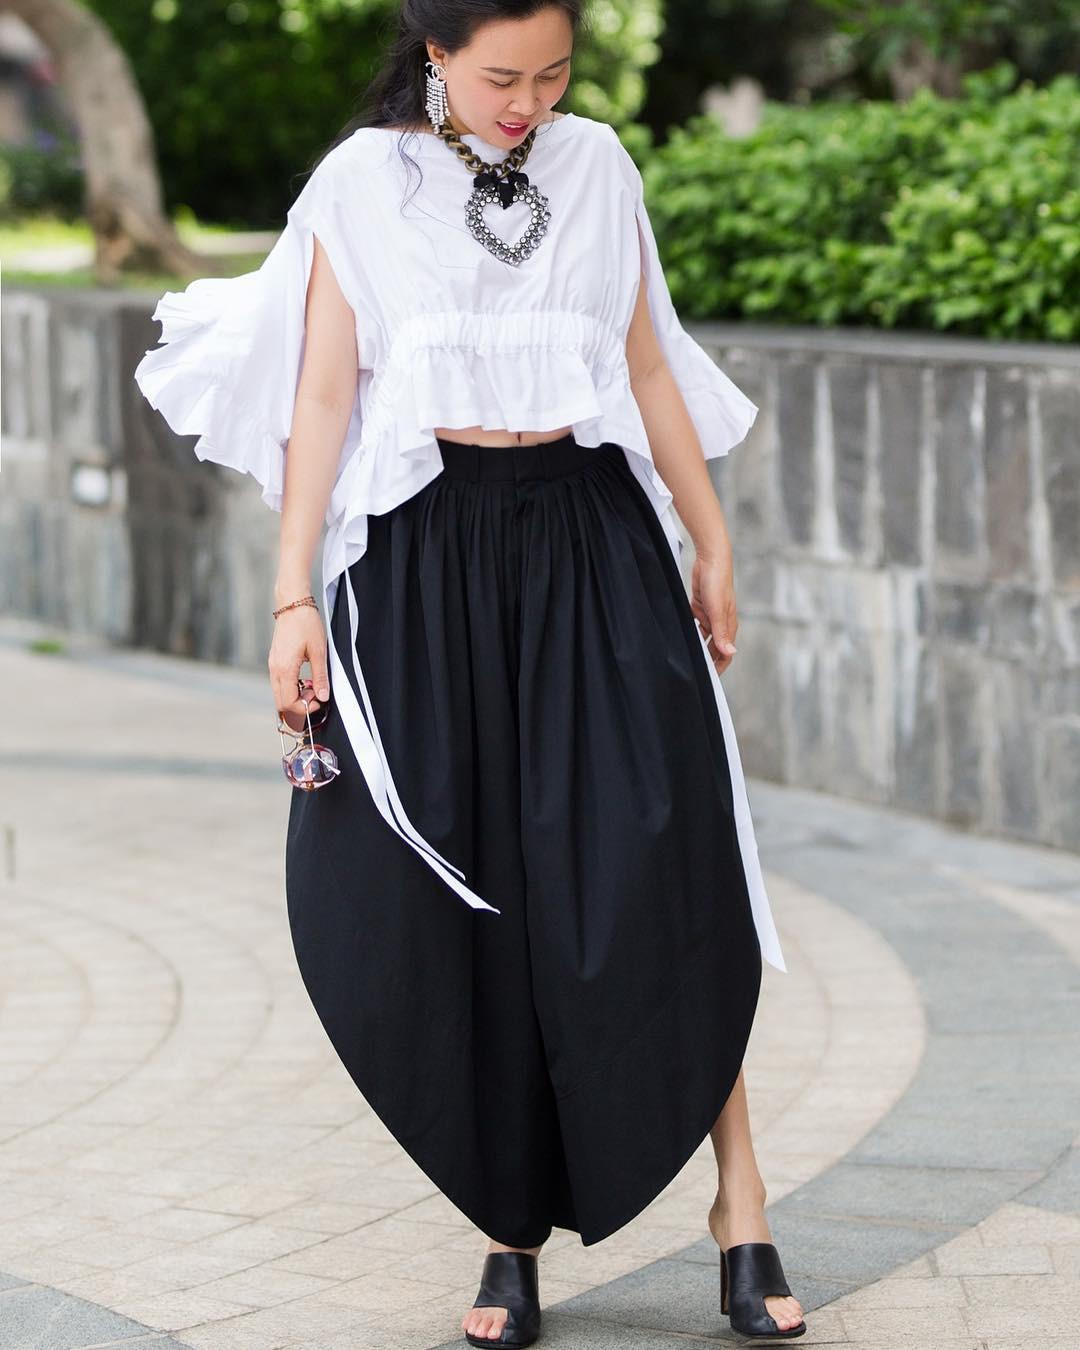 4 lý do khiến Phượng Chanel thường xuyên mix đồ tréo ngoe, chị em công sở nhớ kỹ để tránh mặc xấu-6